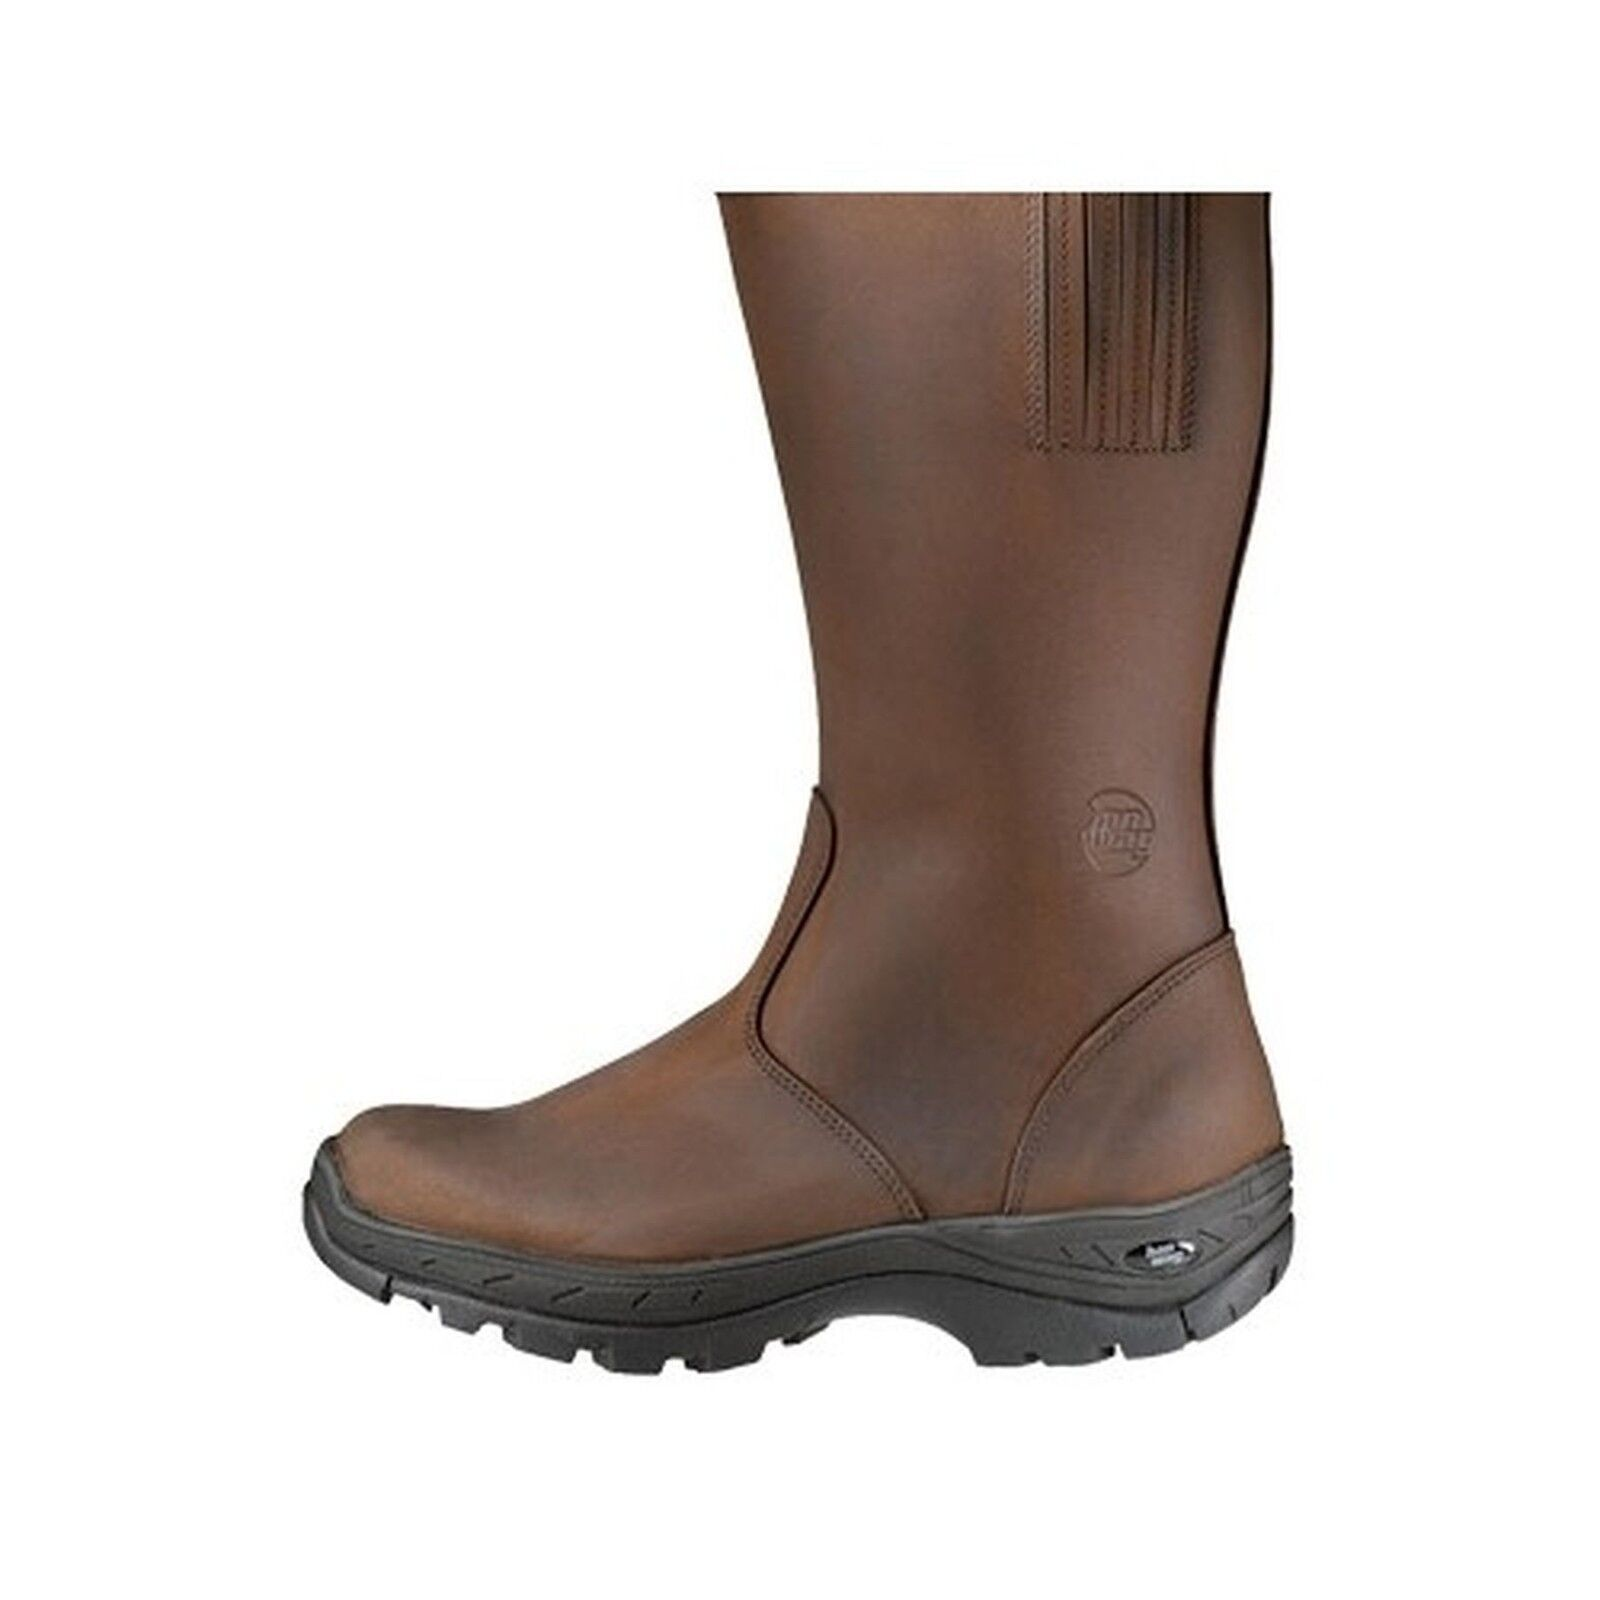 Hanwag botas de invierno Hanwag Hanwag Hanwag invierno tannäs Lady talla 4,5 - 37,5 tierra PVP  lo último